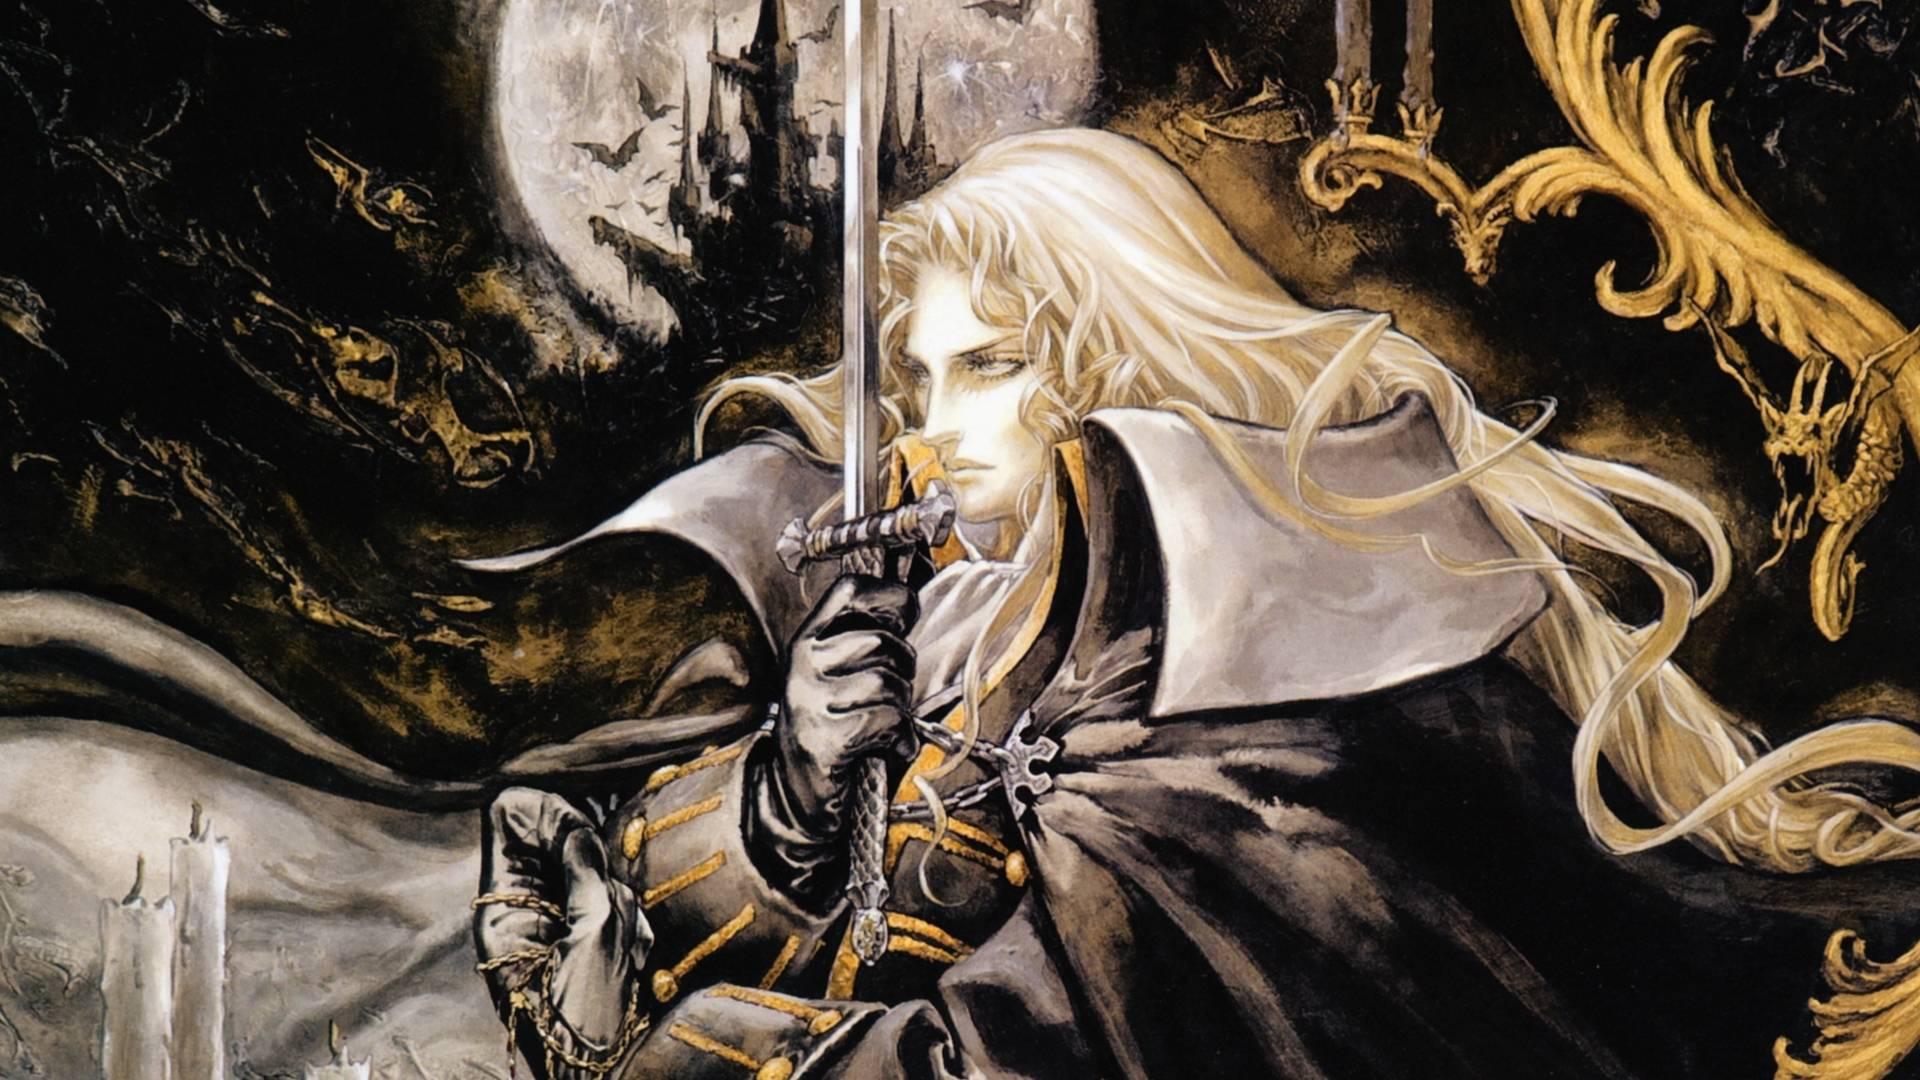 Konami relanzaría Castlevania: Symphony of the Night y Rondo of Blood en PS4